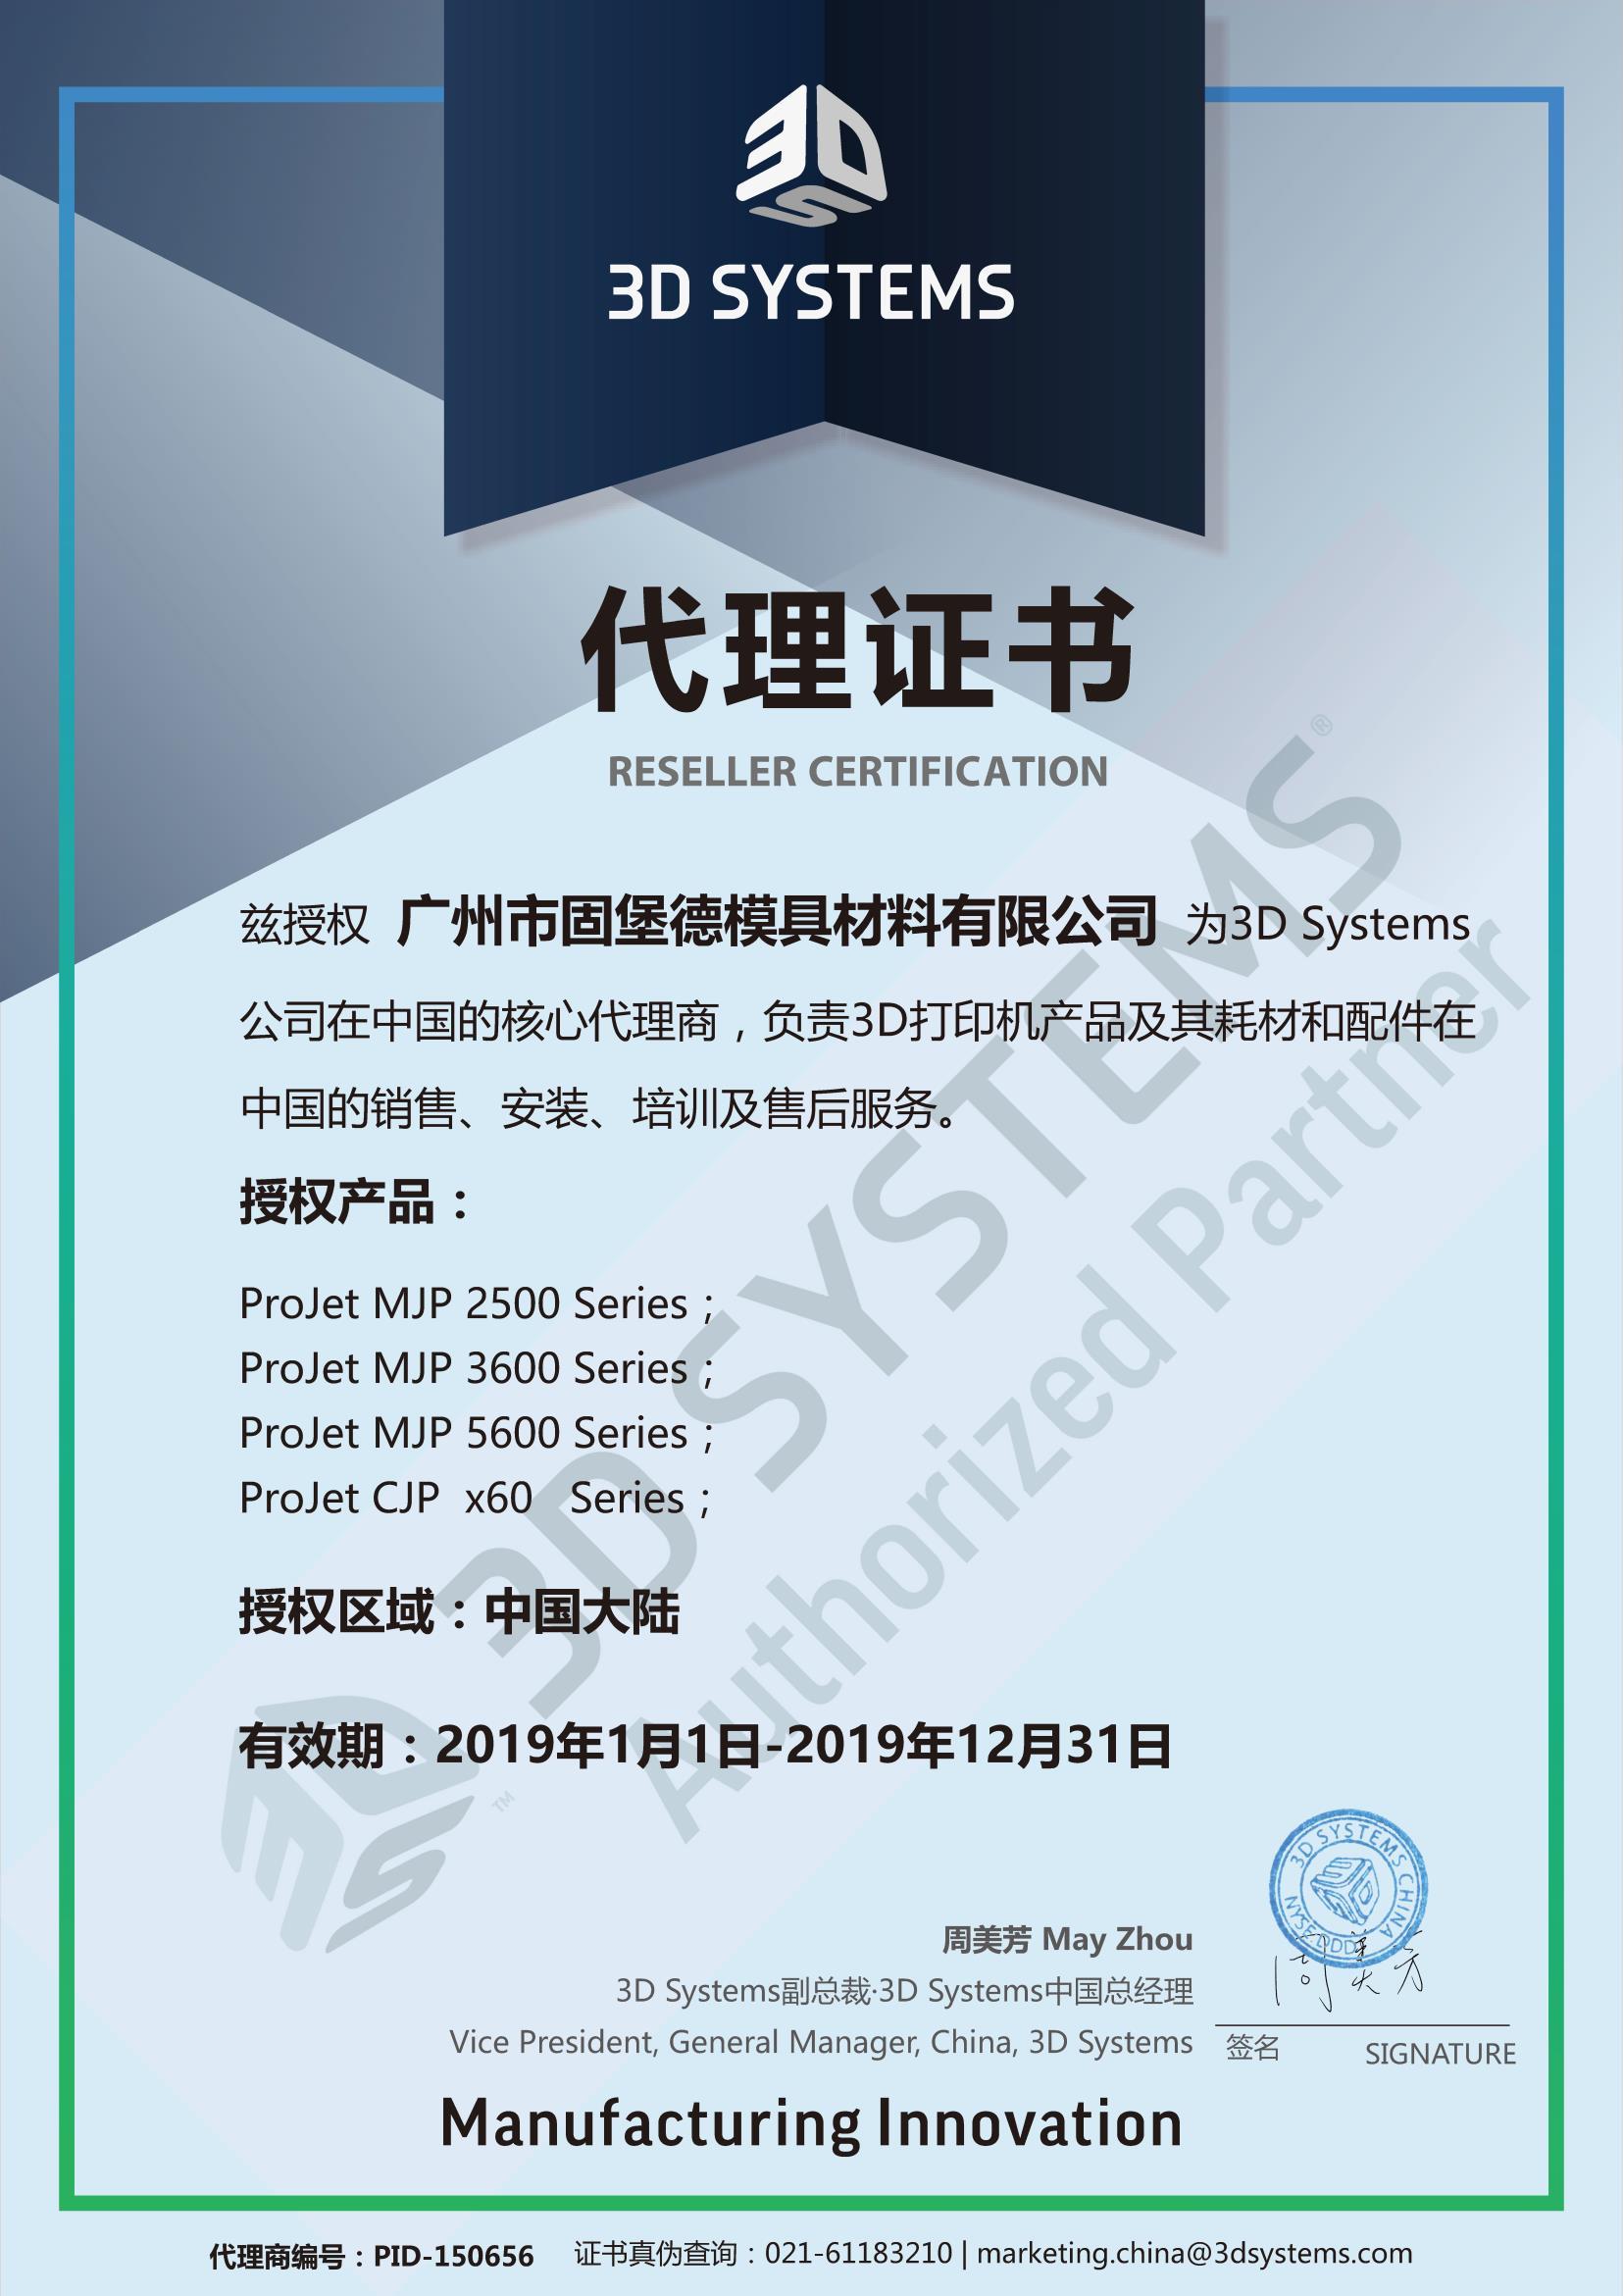 2019年3DS代理证书